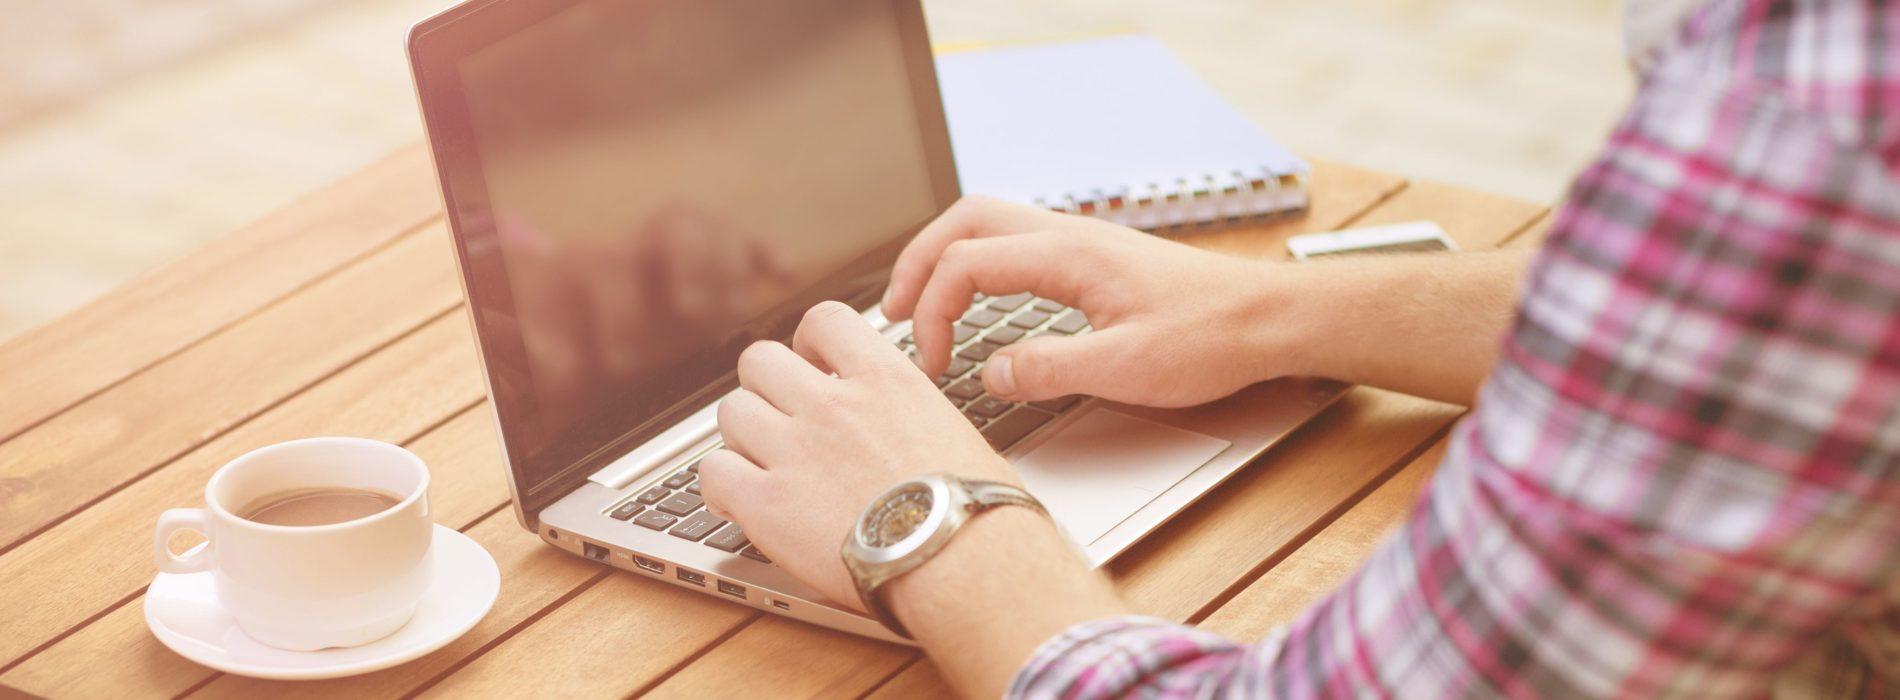 Księgowość online – proste i wygodne rozliczanie firmy